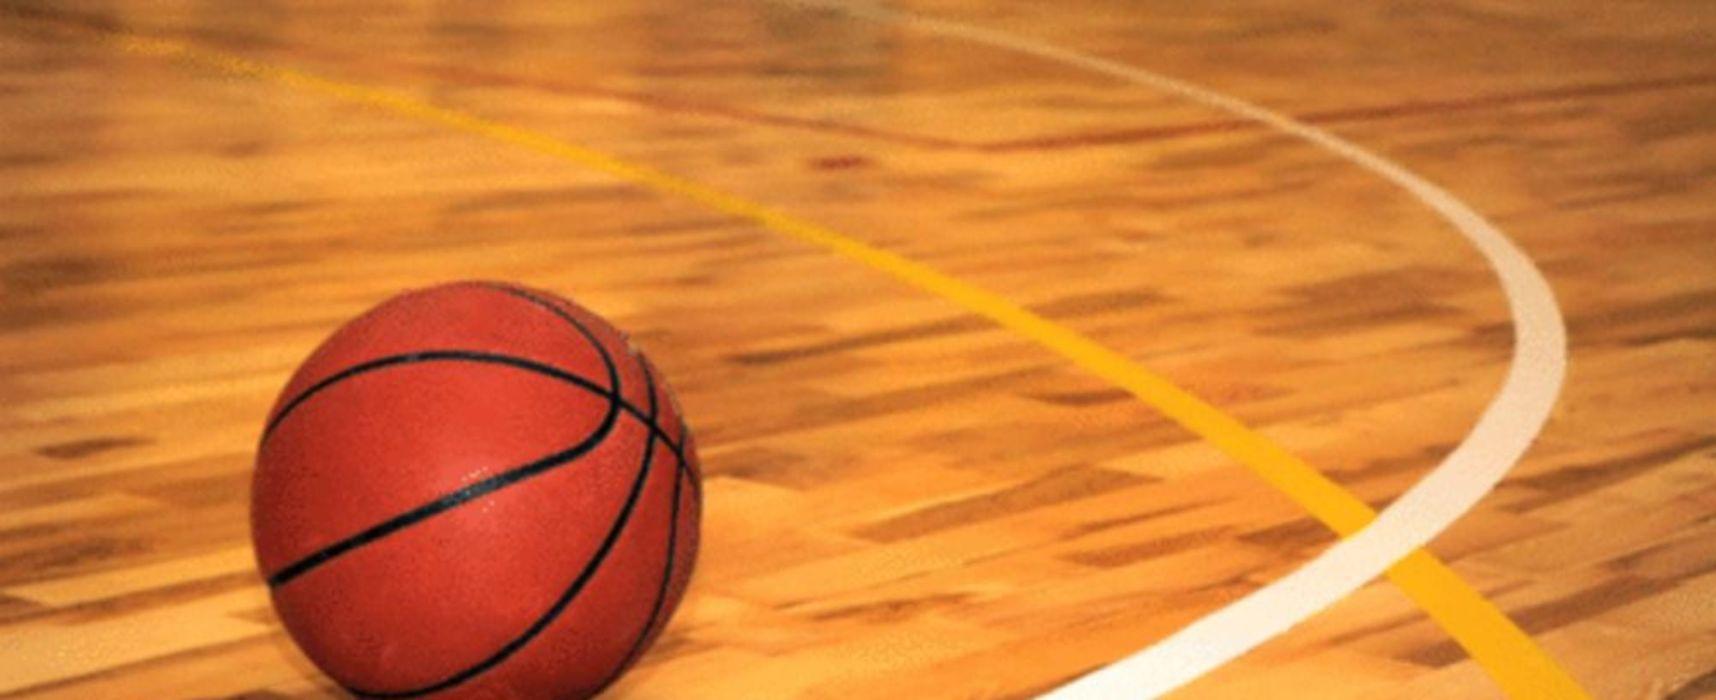 Settimana decisiva per il Cefa Basket